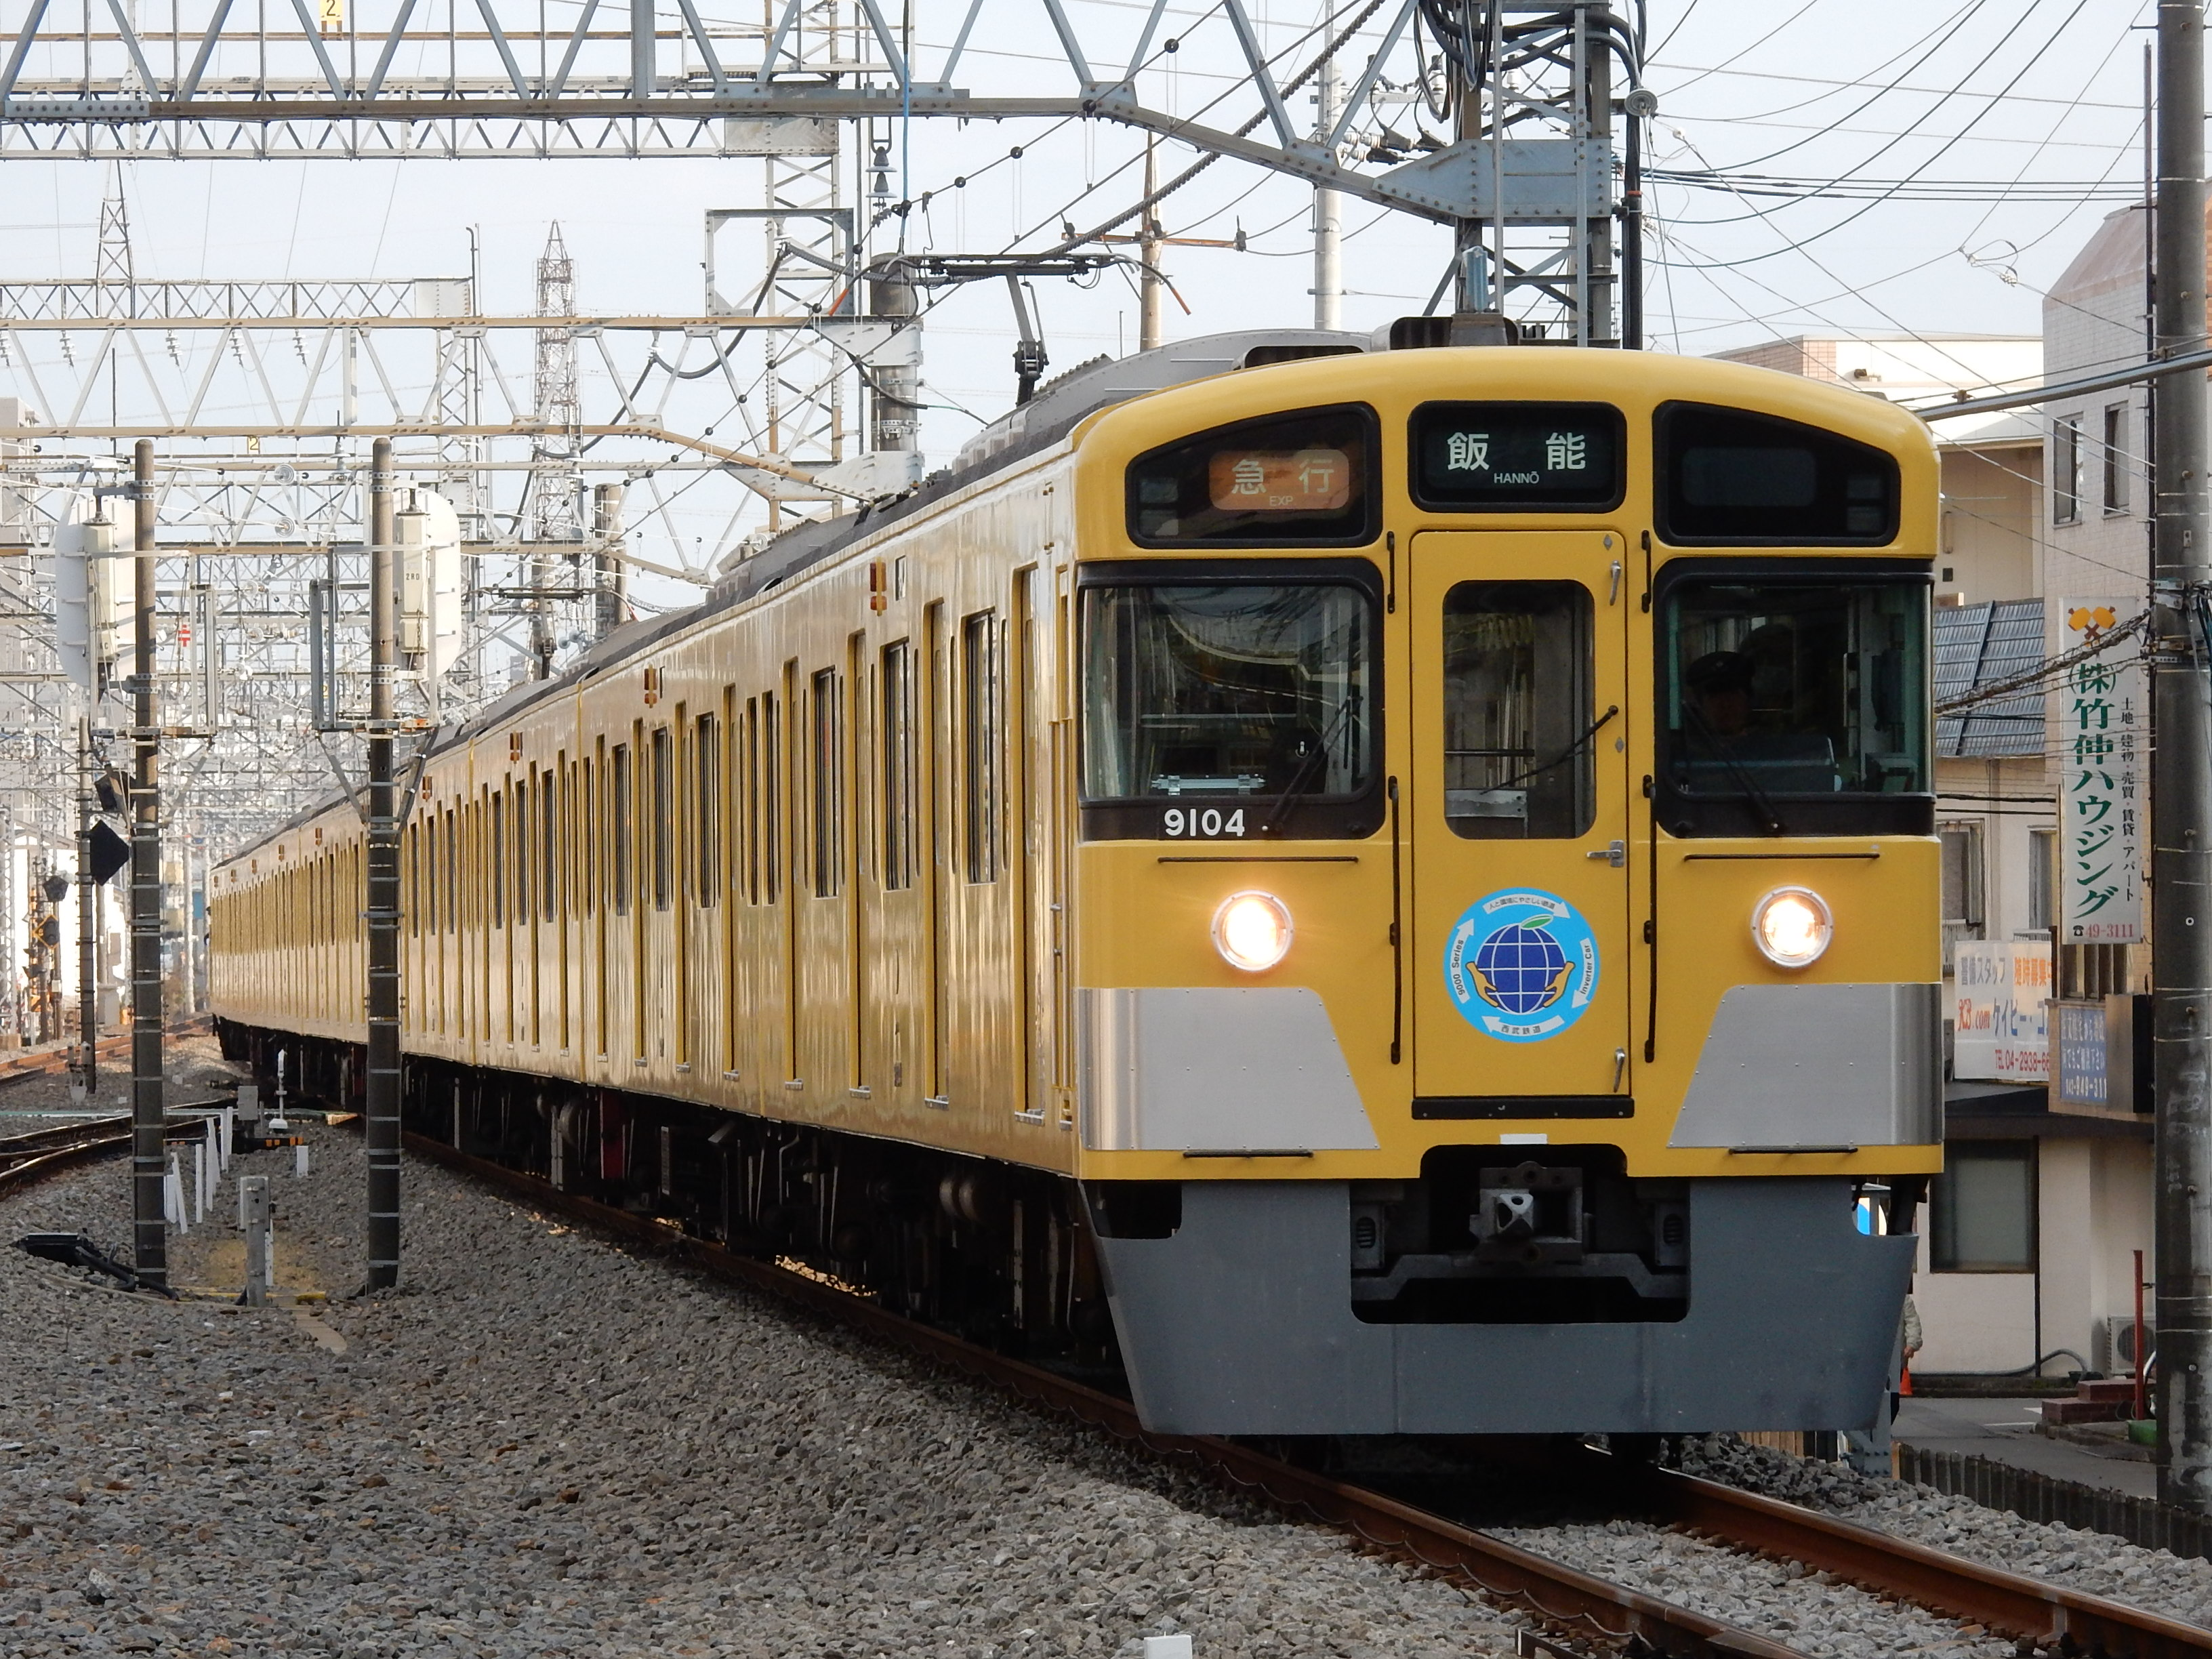 DSCN2221.jpg